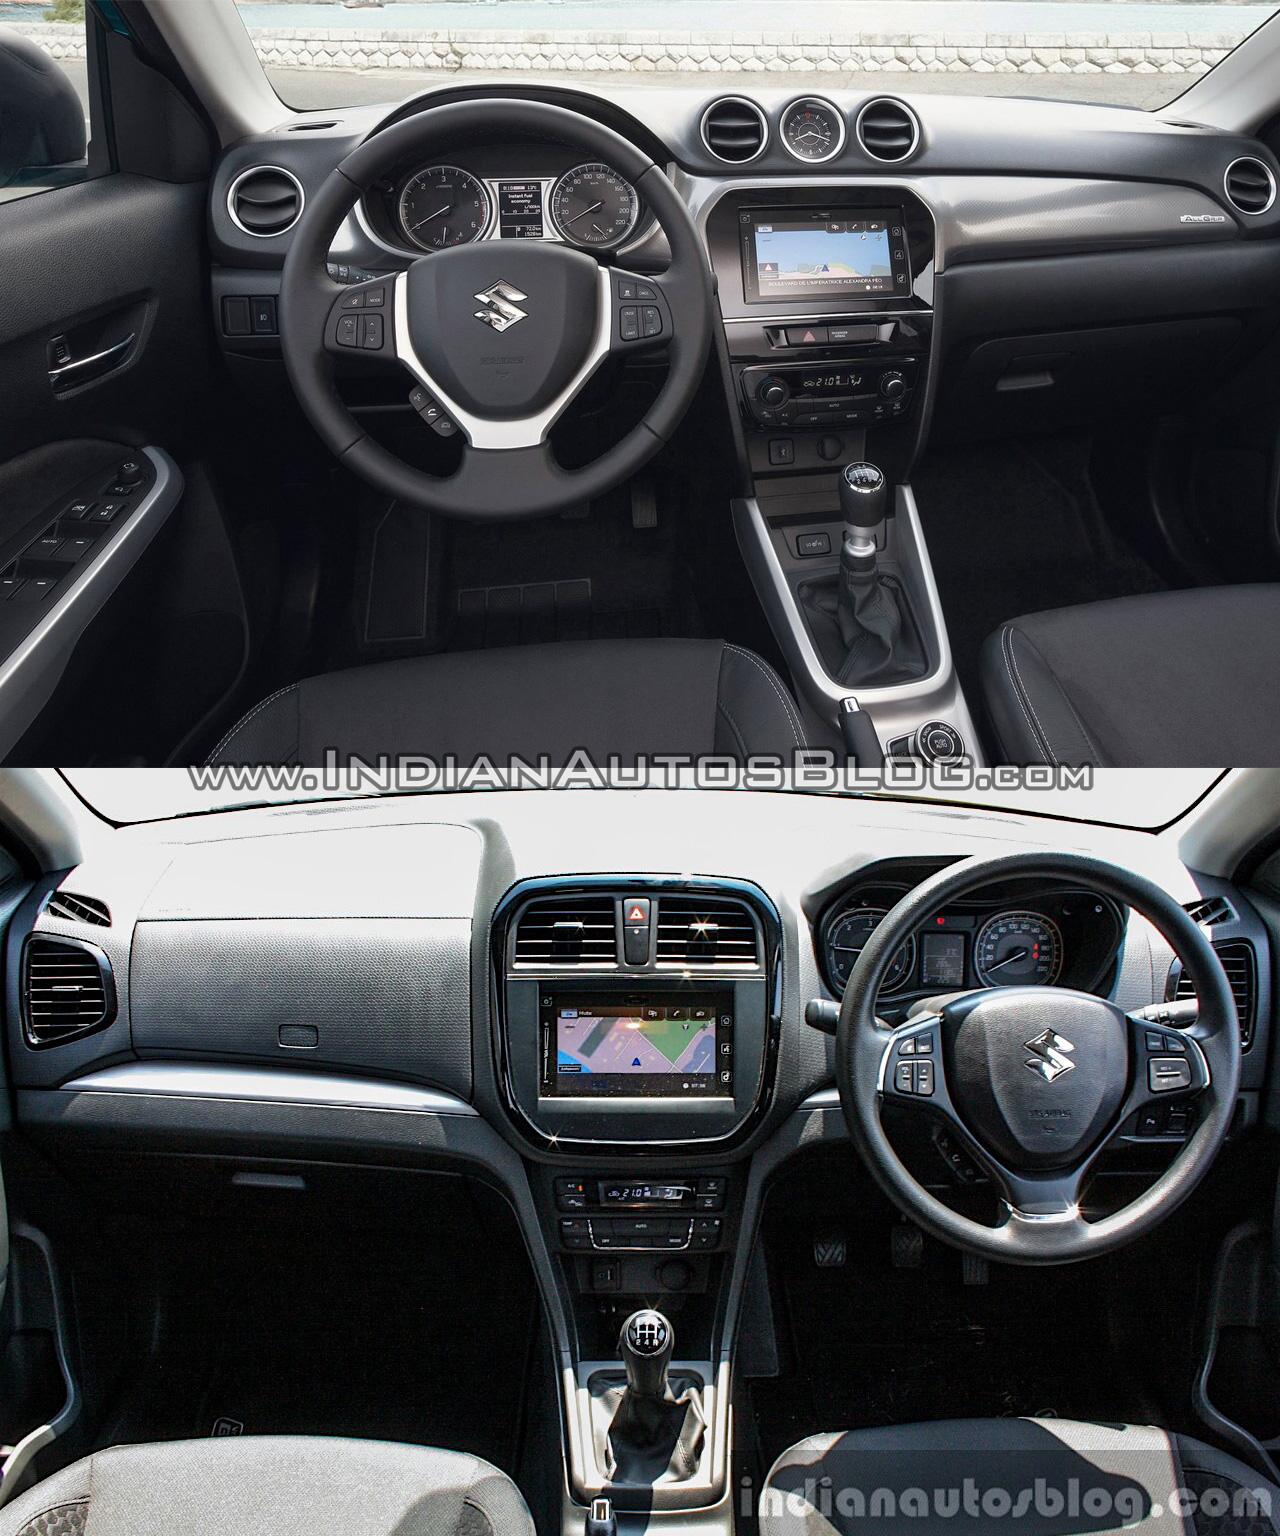 Suzuki Vitara Vs Maruti Brezza Interior